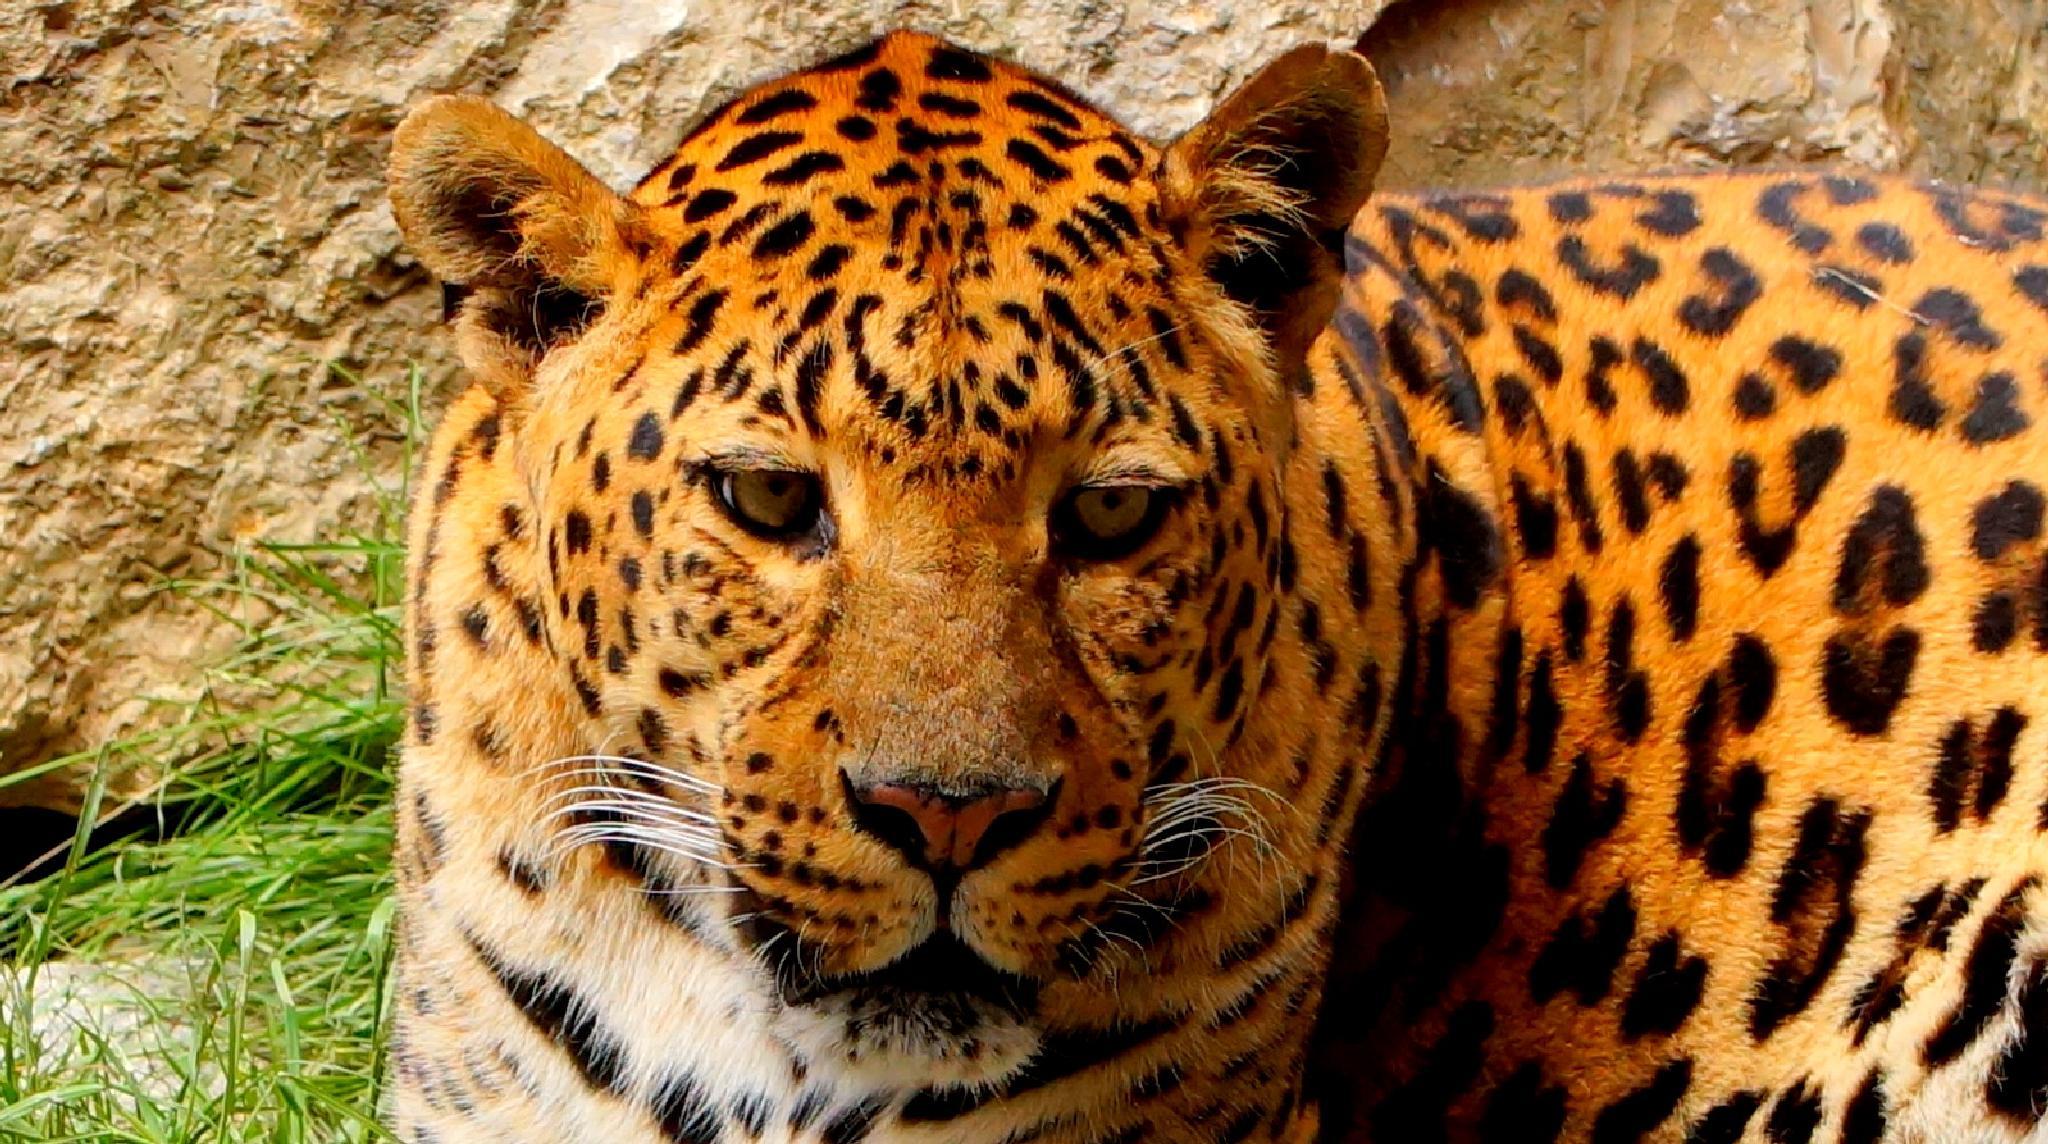 Luipaard (leopard) by andre.rooseleer